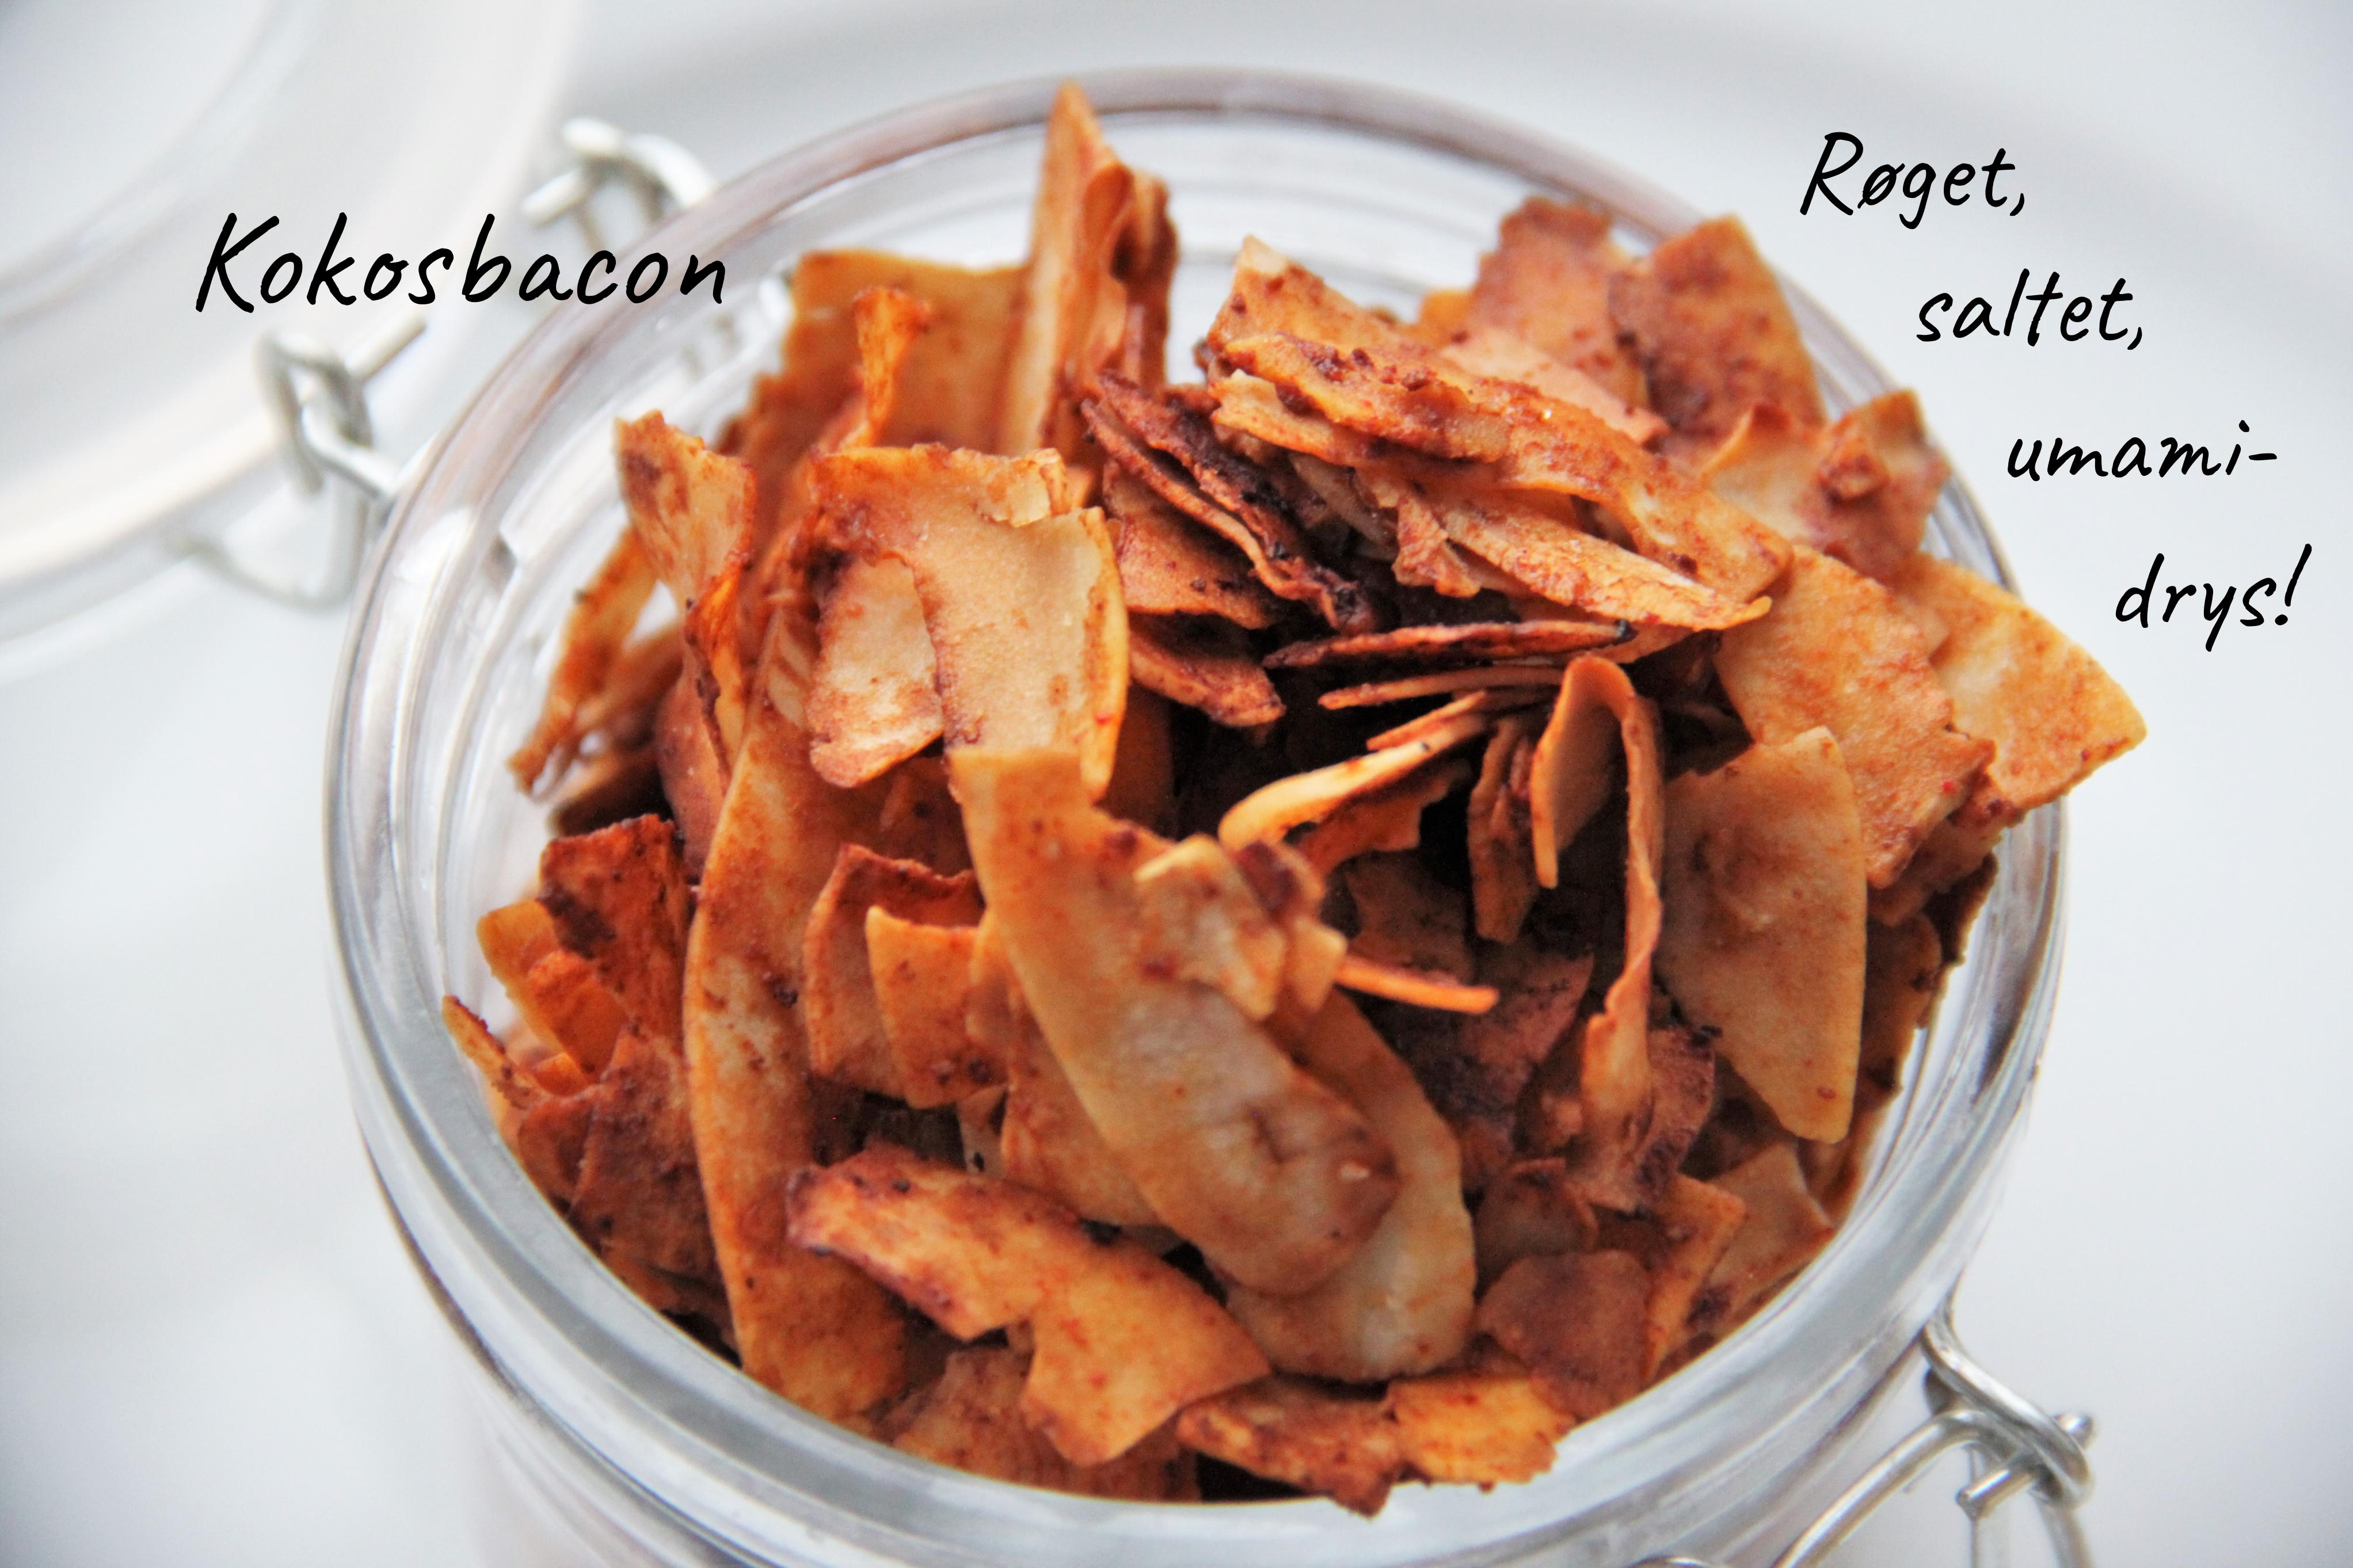 kokosbacon 1 (tekst)